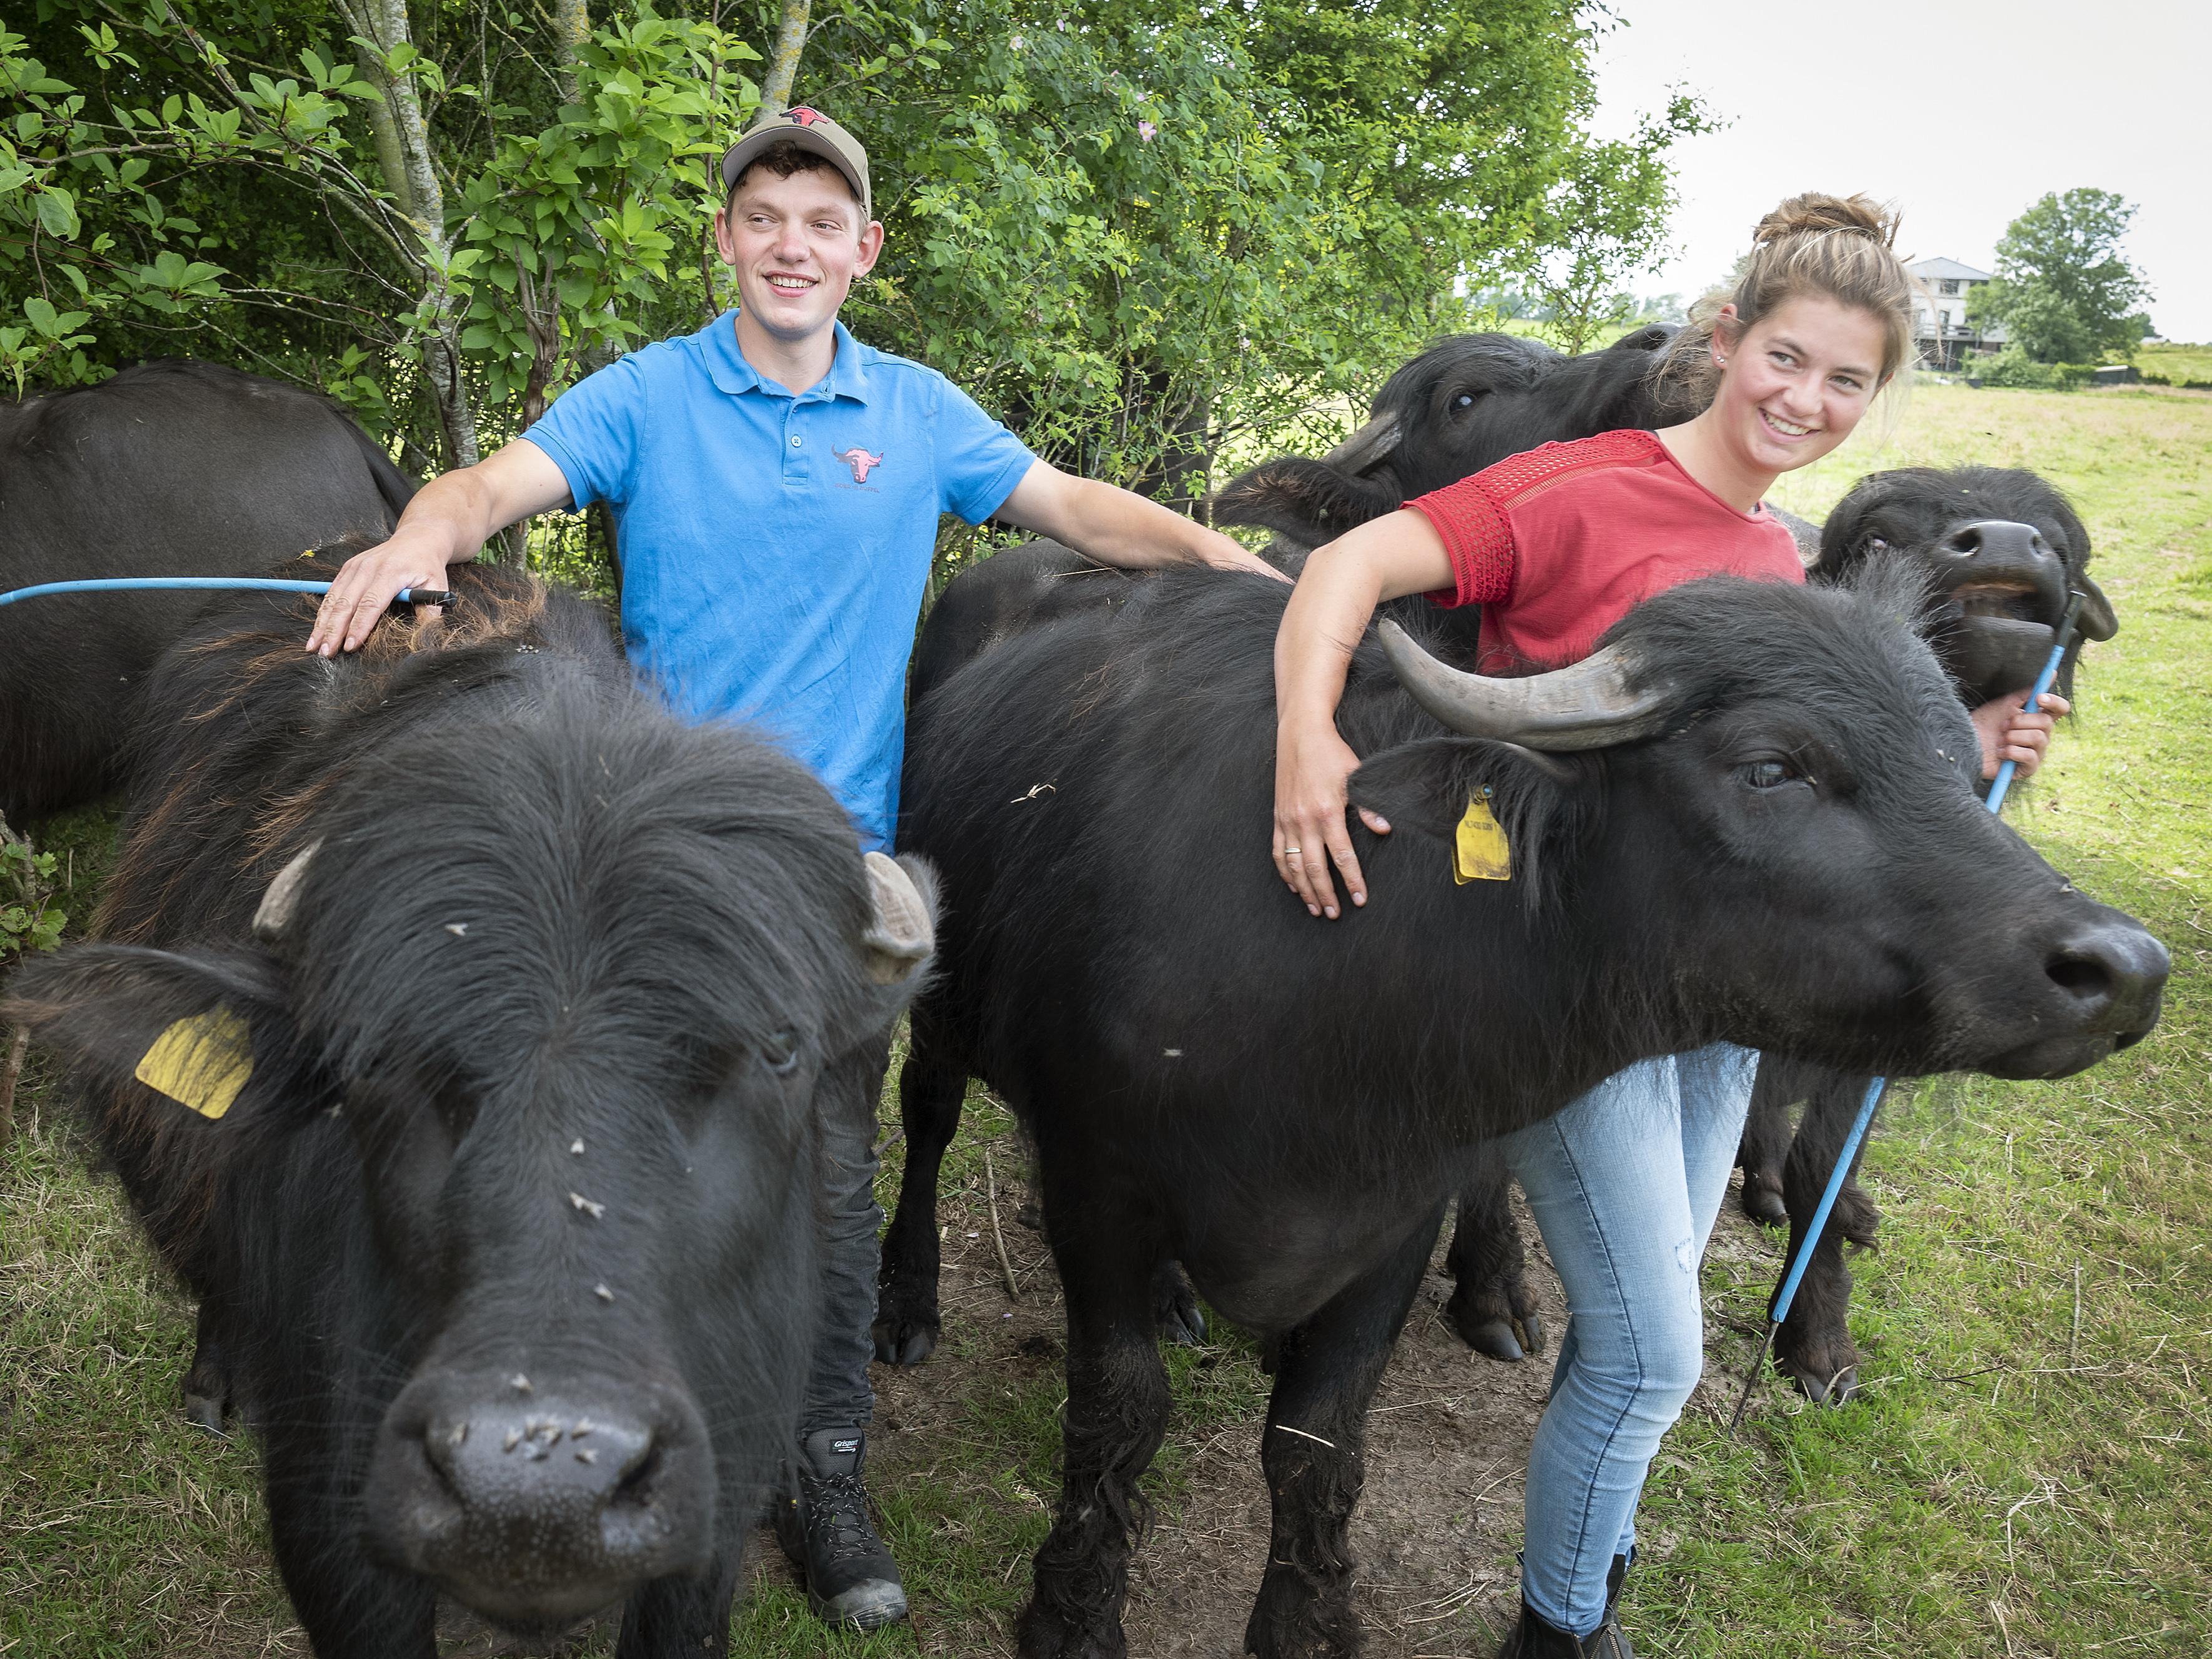 Startende boeren Emma (26) en Olivier (27) pakken de koe bij de hoorns: 'Met onze knuffelige waterbuffels hebben we een unieke formule'